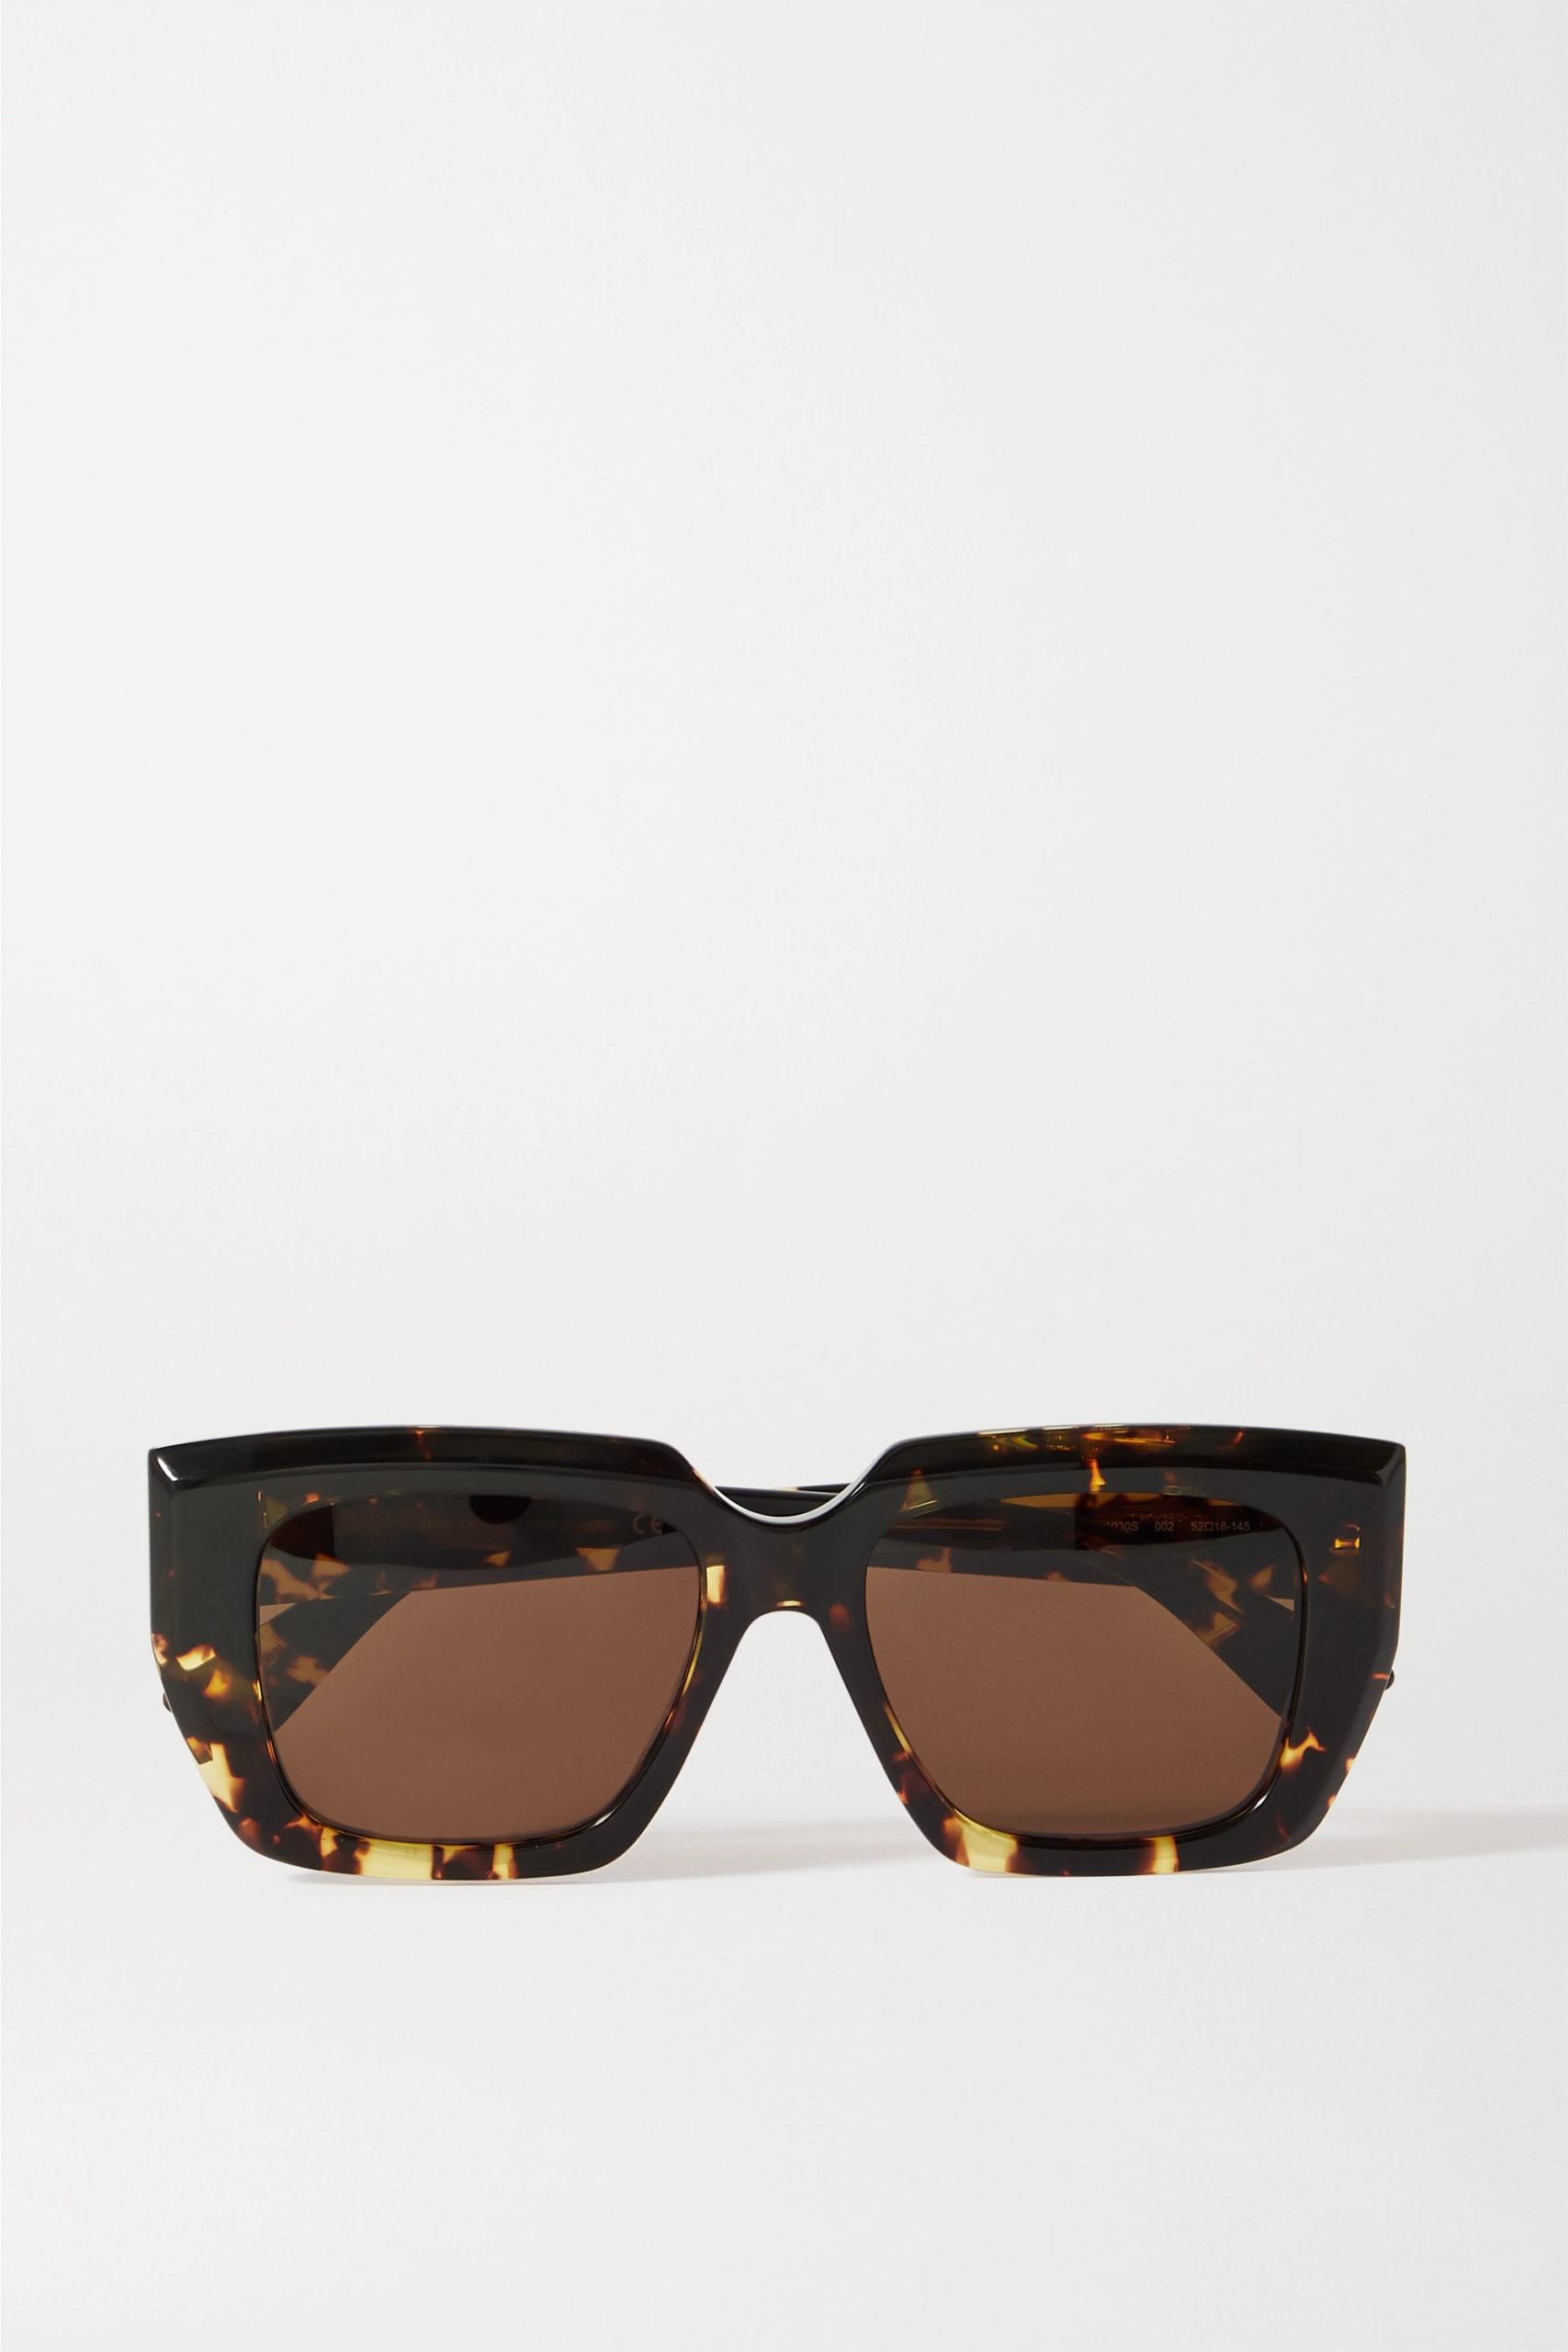 Bottega Veneta — Oversized Square-frame Tortoiseshell Sunglasses